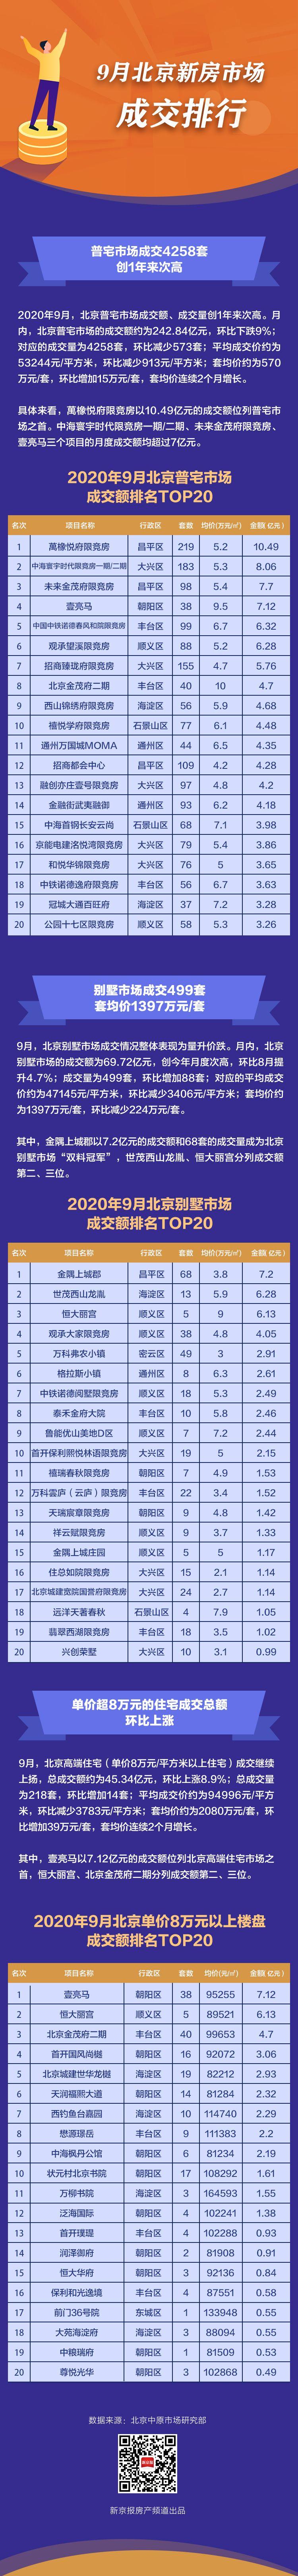 """""""金九""""北京新建商品房成交额创新高 哪些楼盘热销?"""